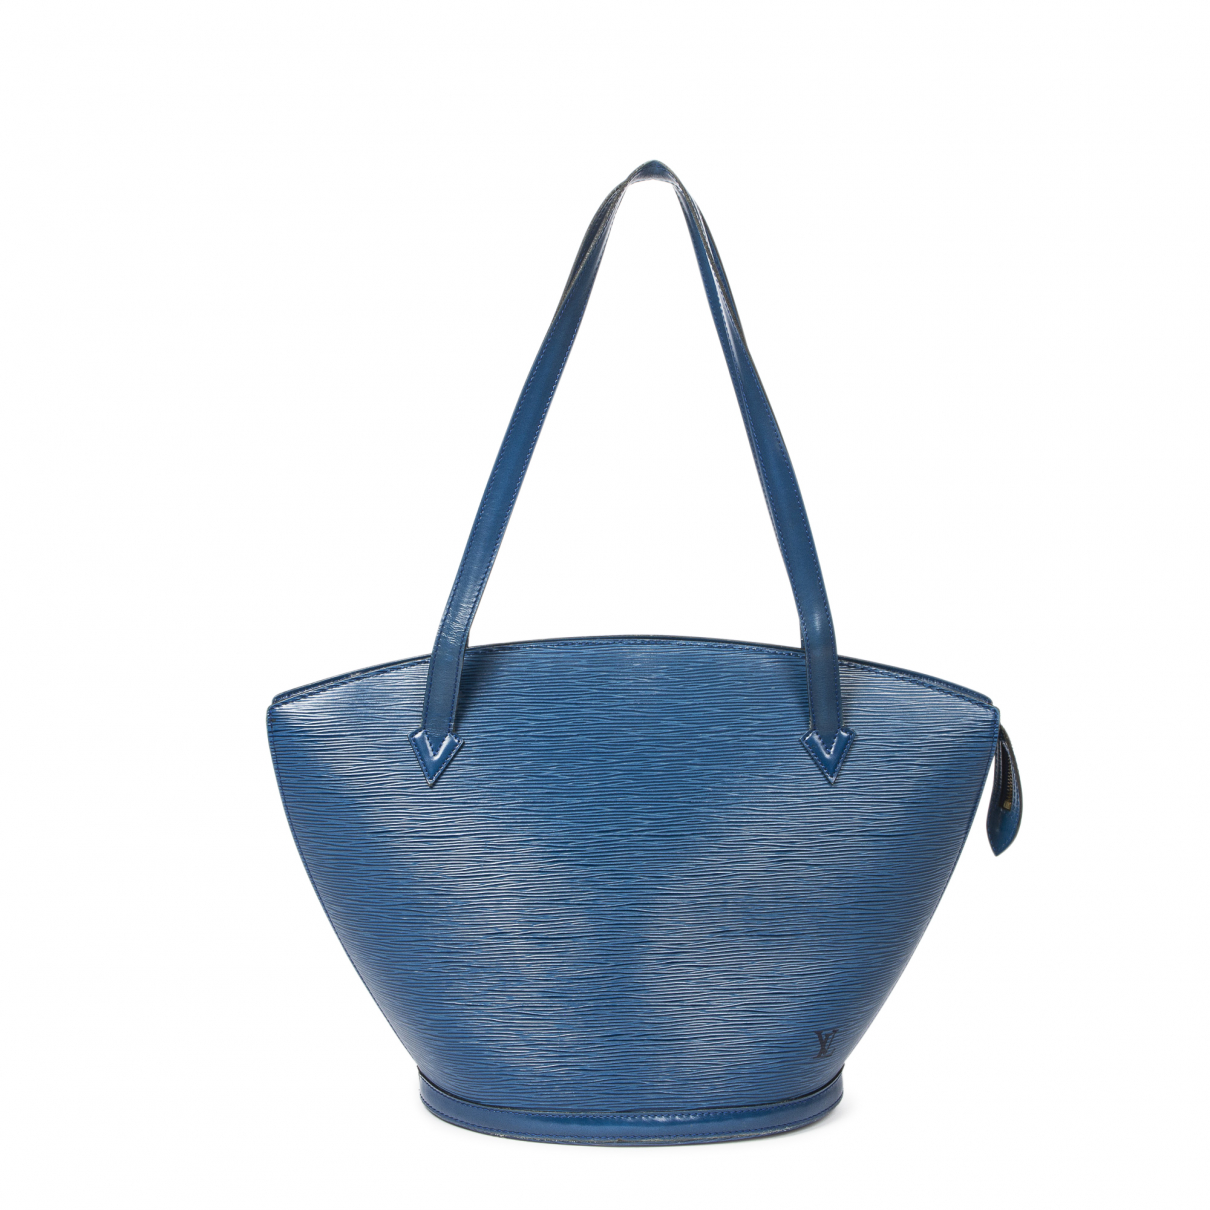 Louis Vuitton - Sac a main Saint Jacques pour femme en cuir - bleu